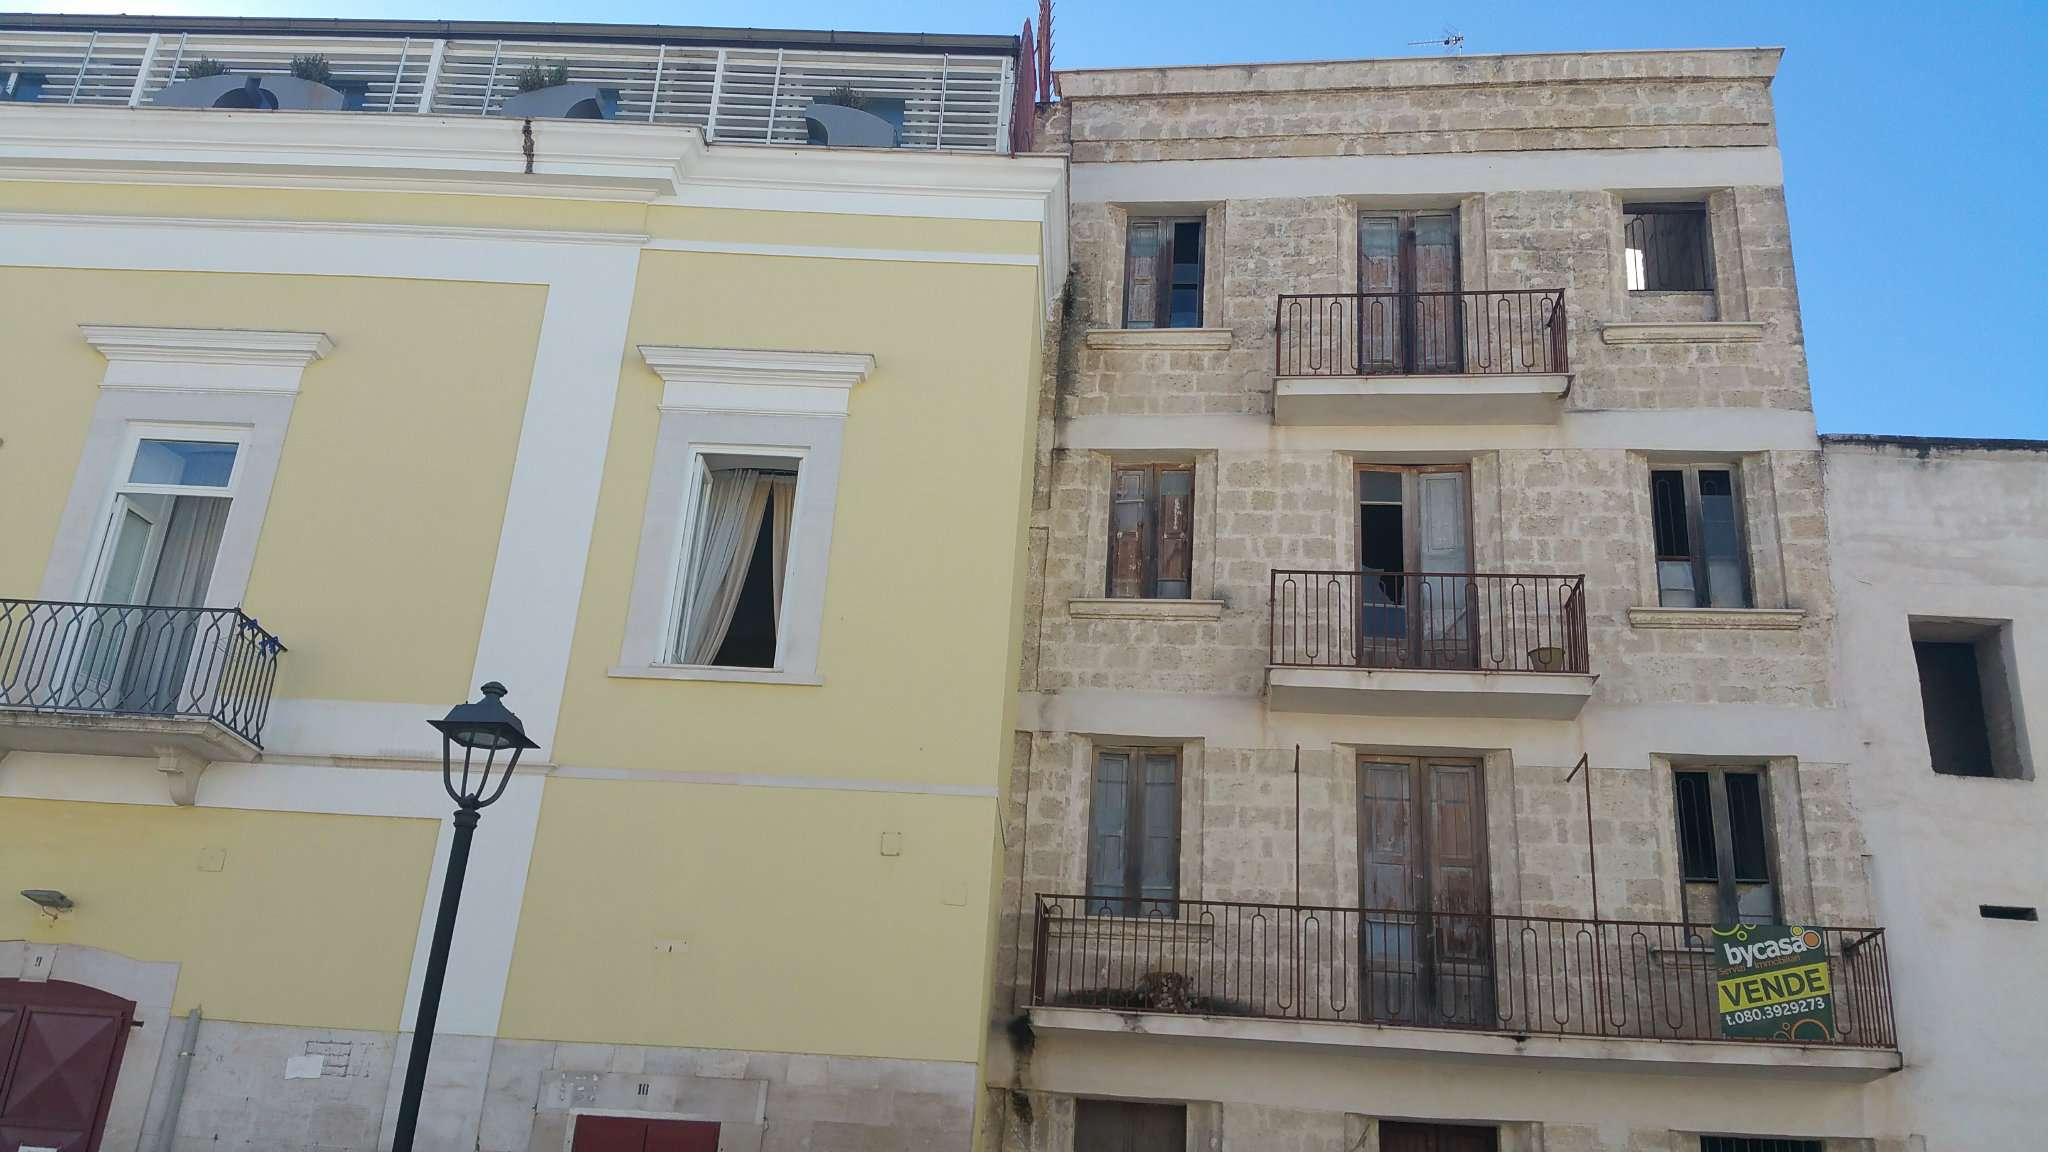 Palazzo / Stabile in vendita a Bisceglie, 5 locali, prezzo € 170.000 | CambioCasa.it